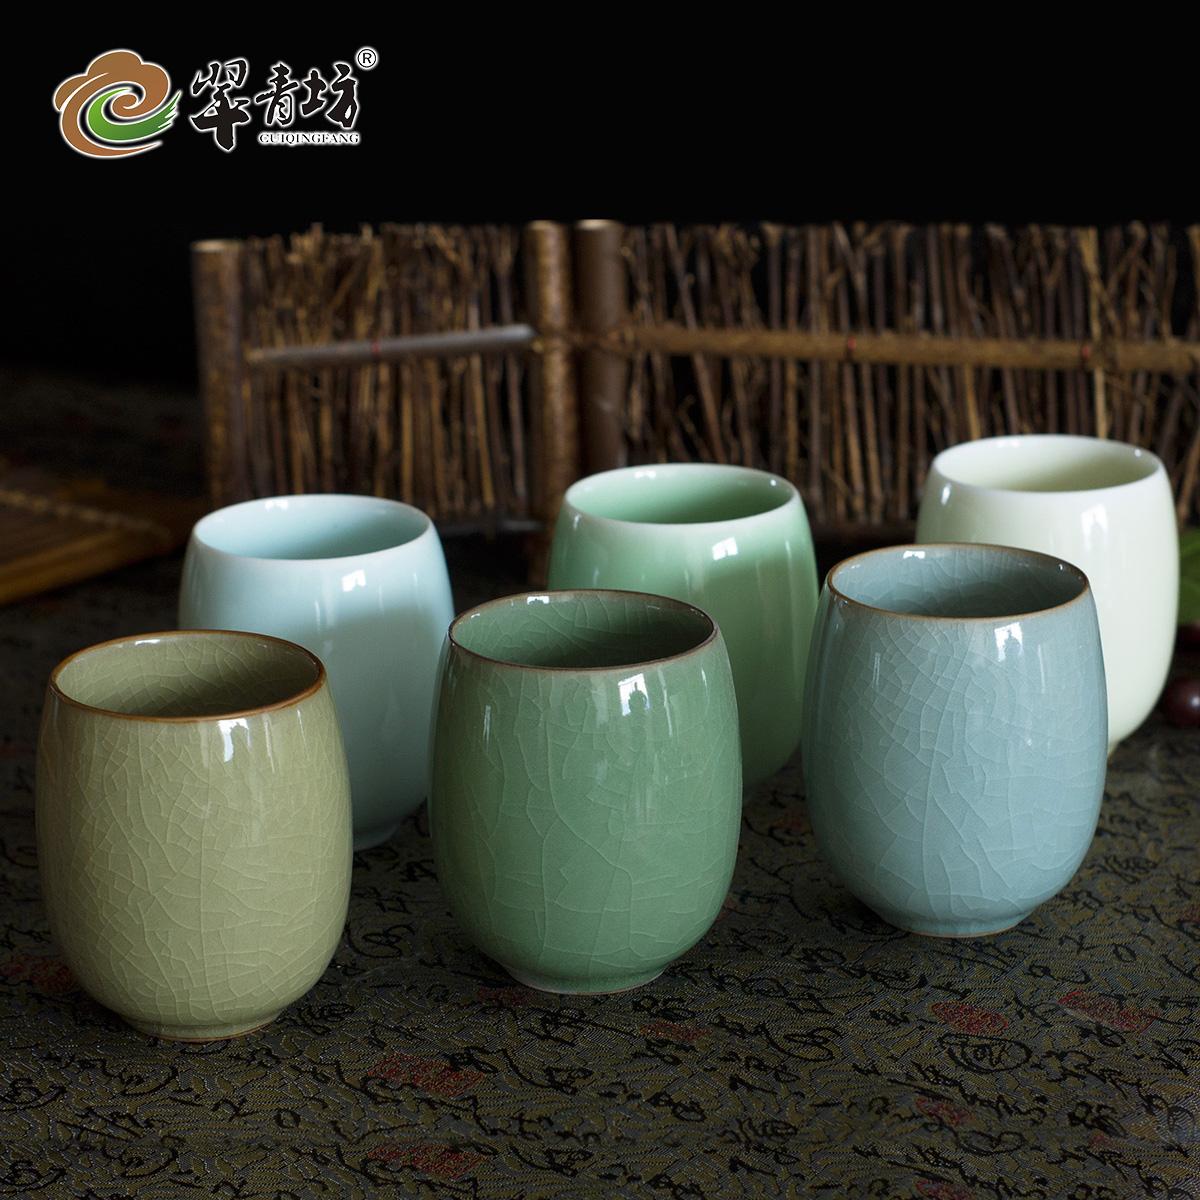 翠青坊陶瓷杯茶杯陶瓷器杯子茶具 DD00006